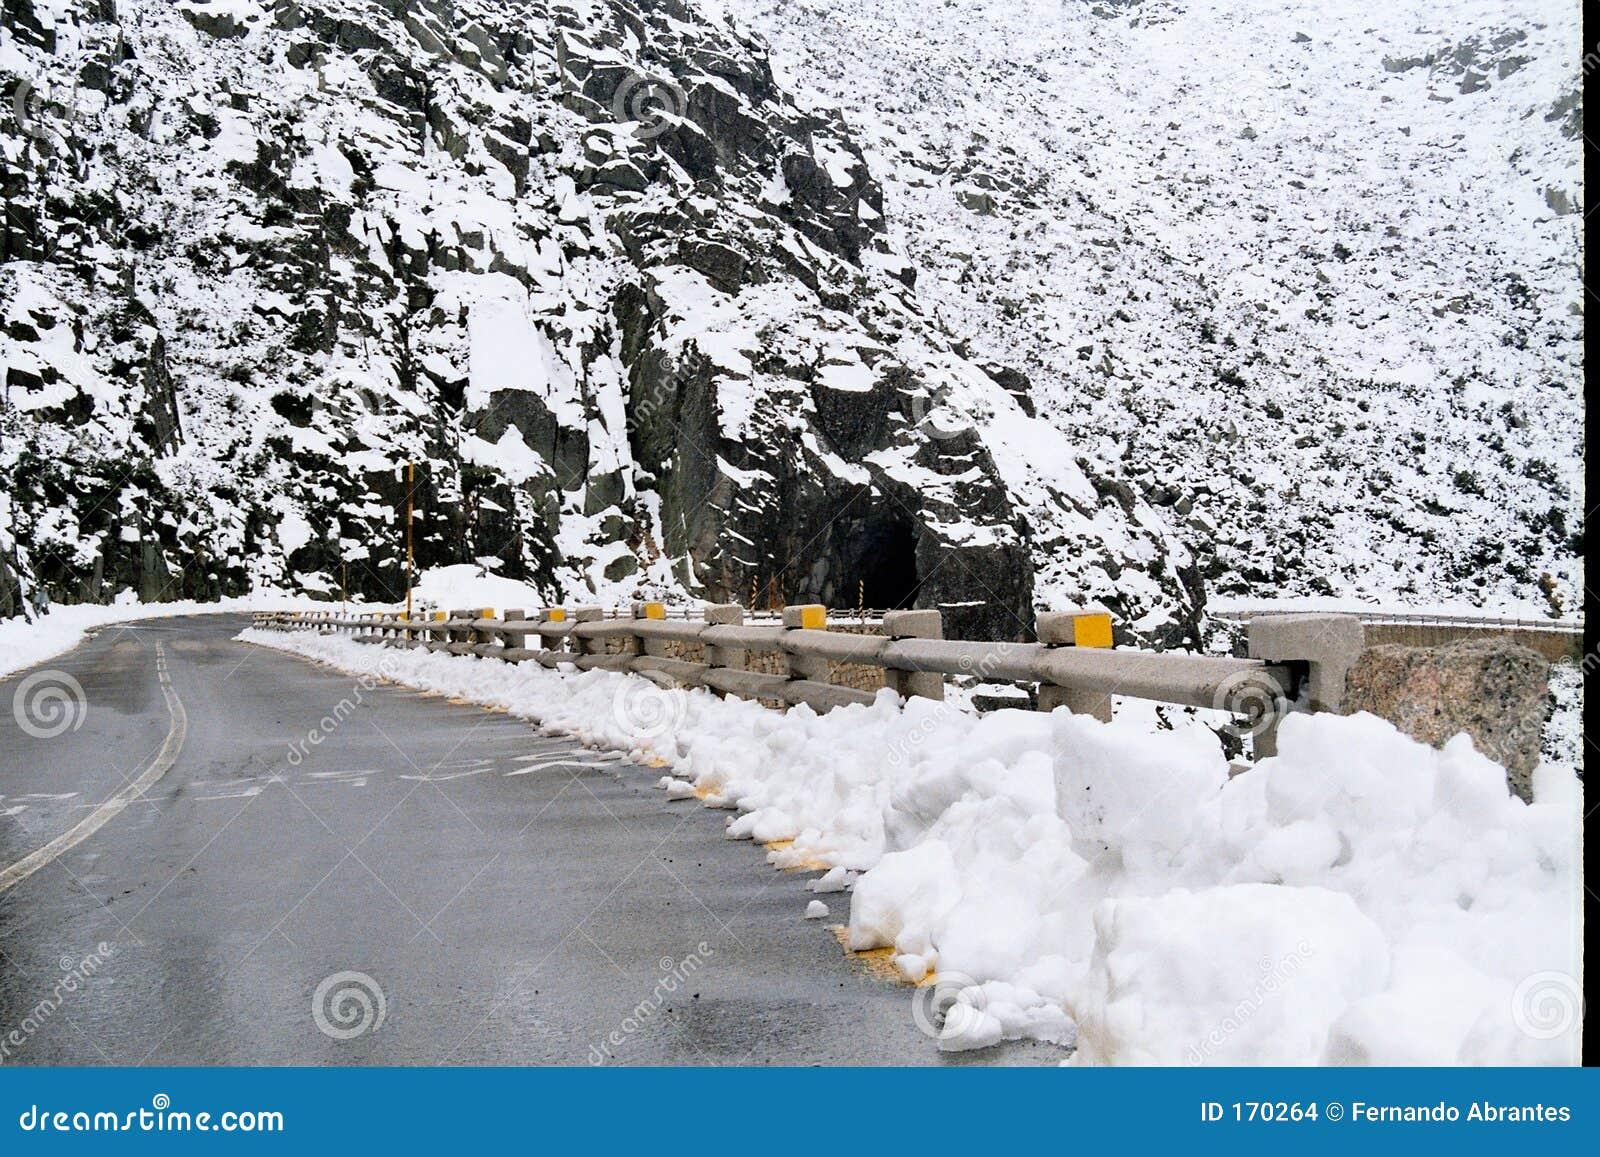 Snowie mountain road